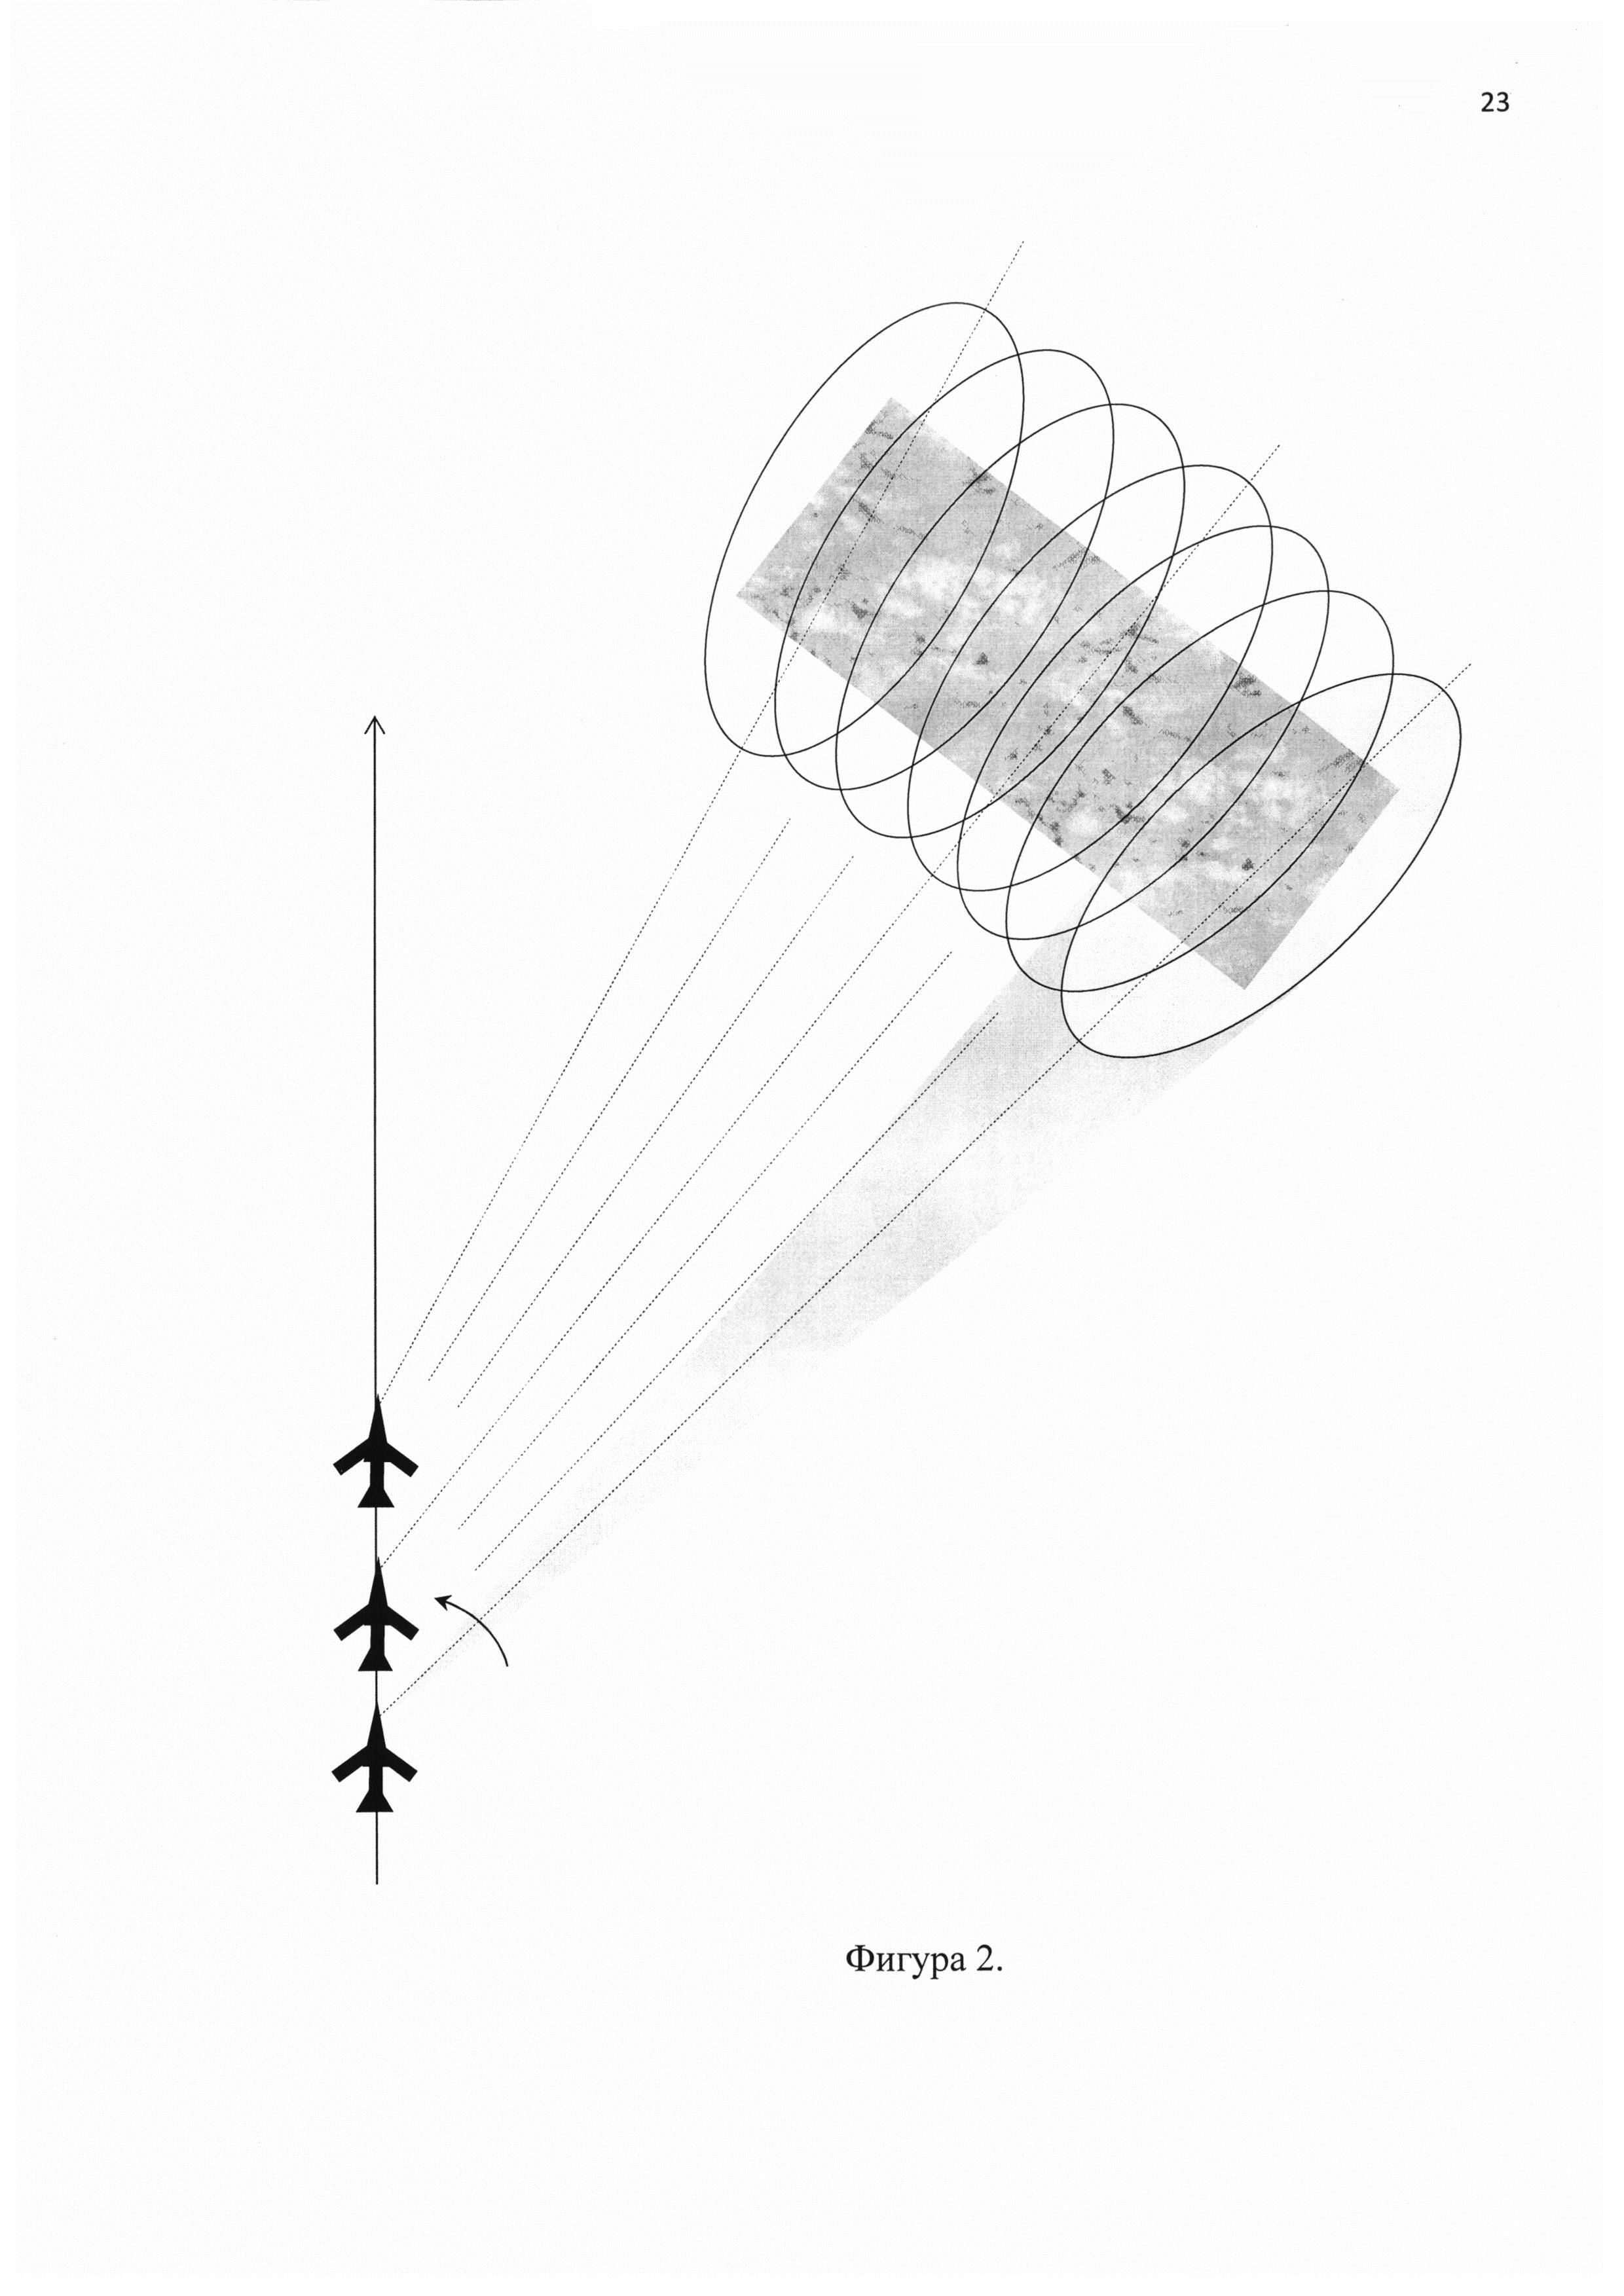 Способ формирования изображения земной поверхности в радиолокационной станции с синтезированием апертуры антенны